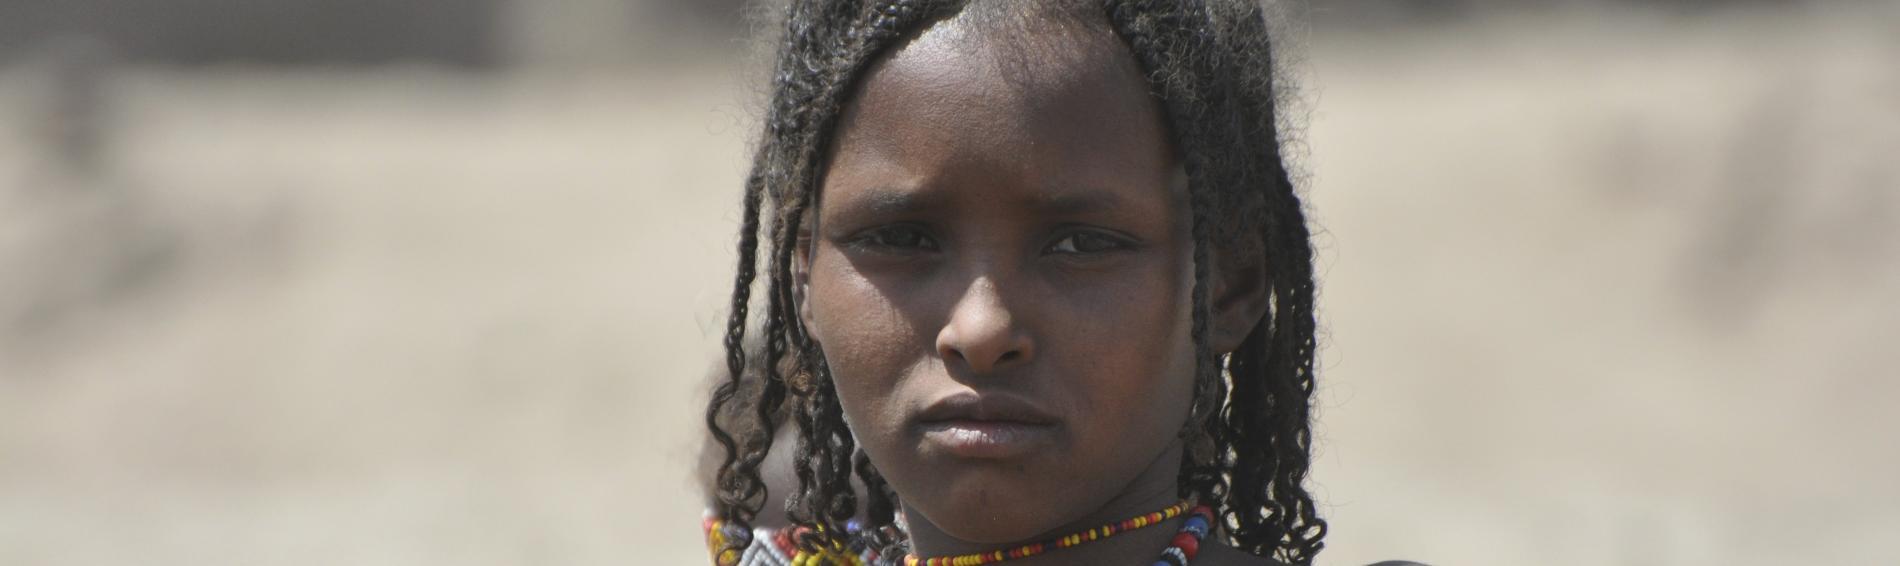 Ein Afar Mädchen in Äthiopien. Foto: Hagmann